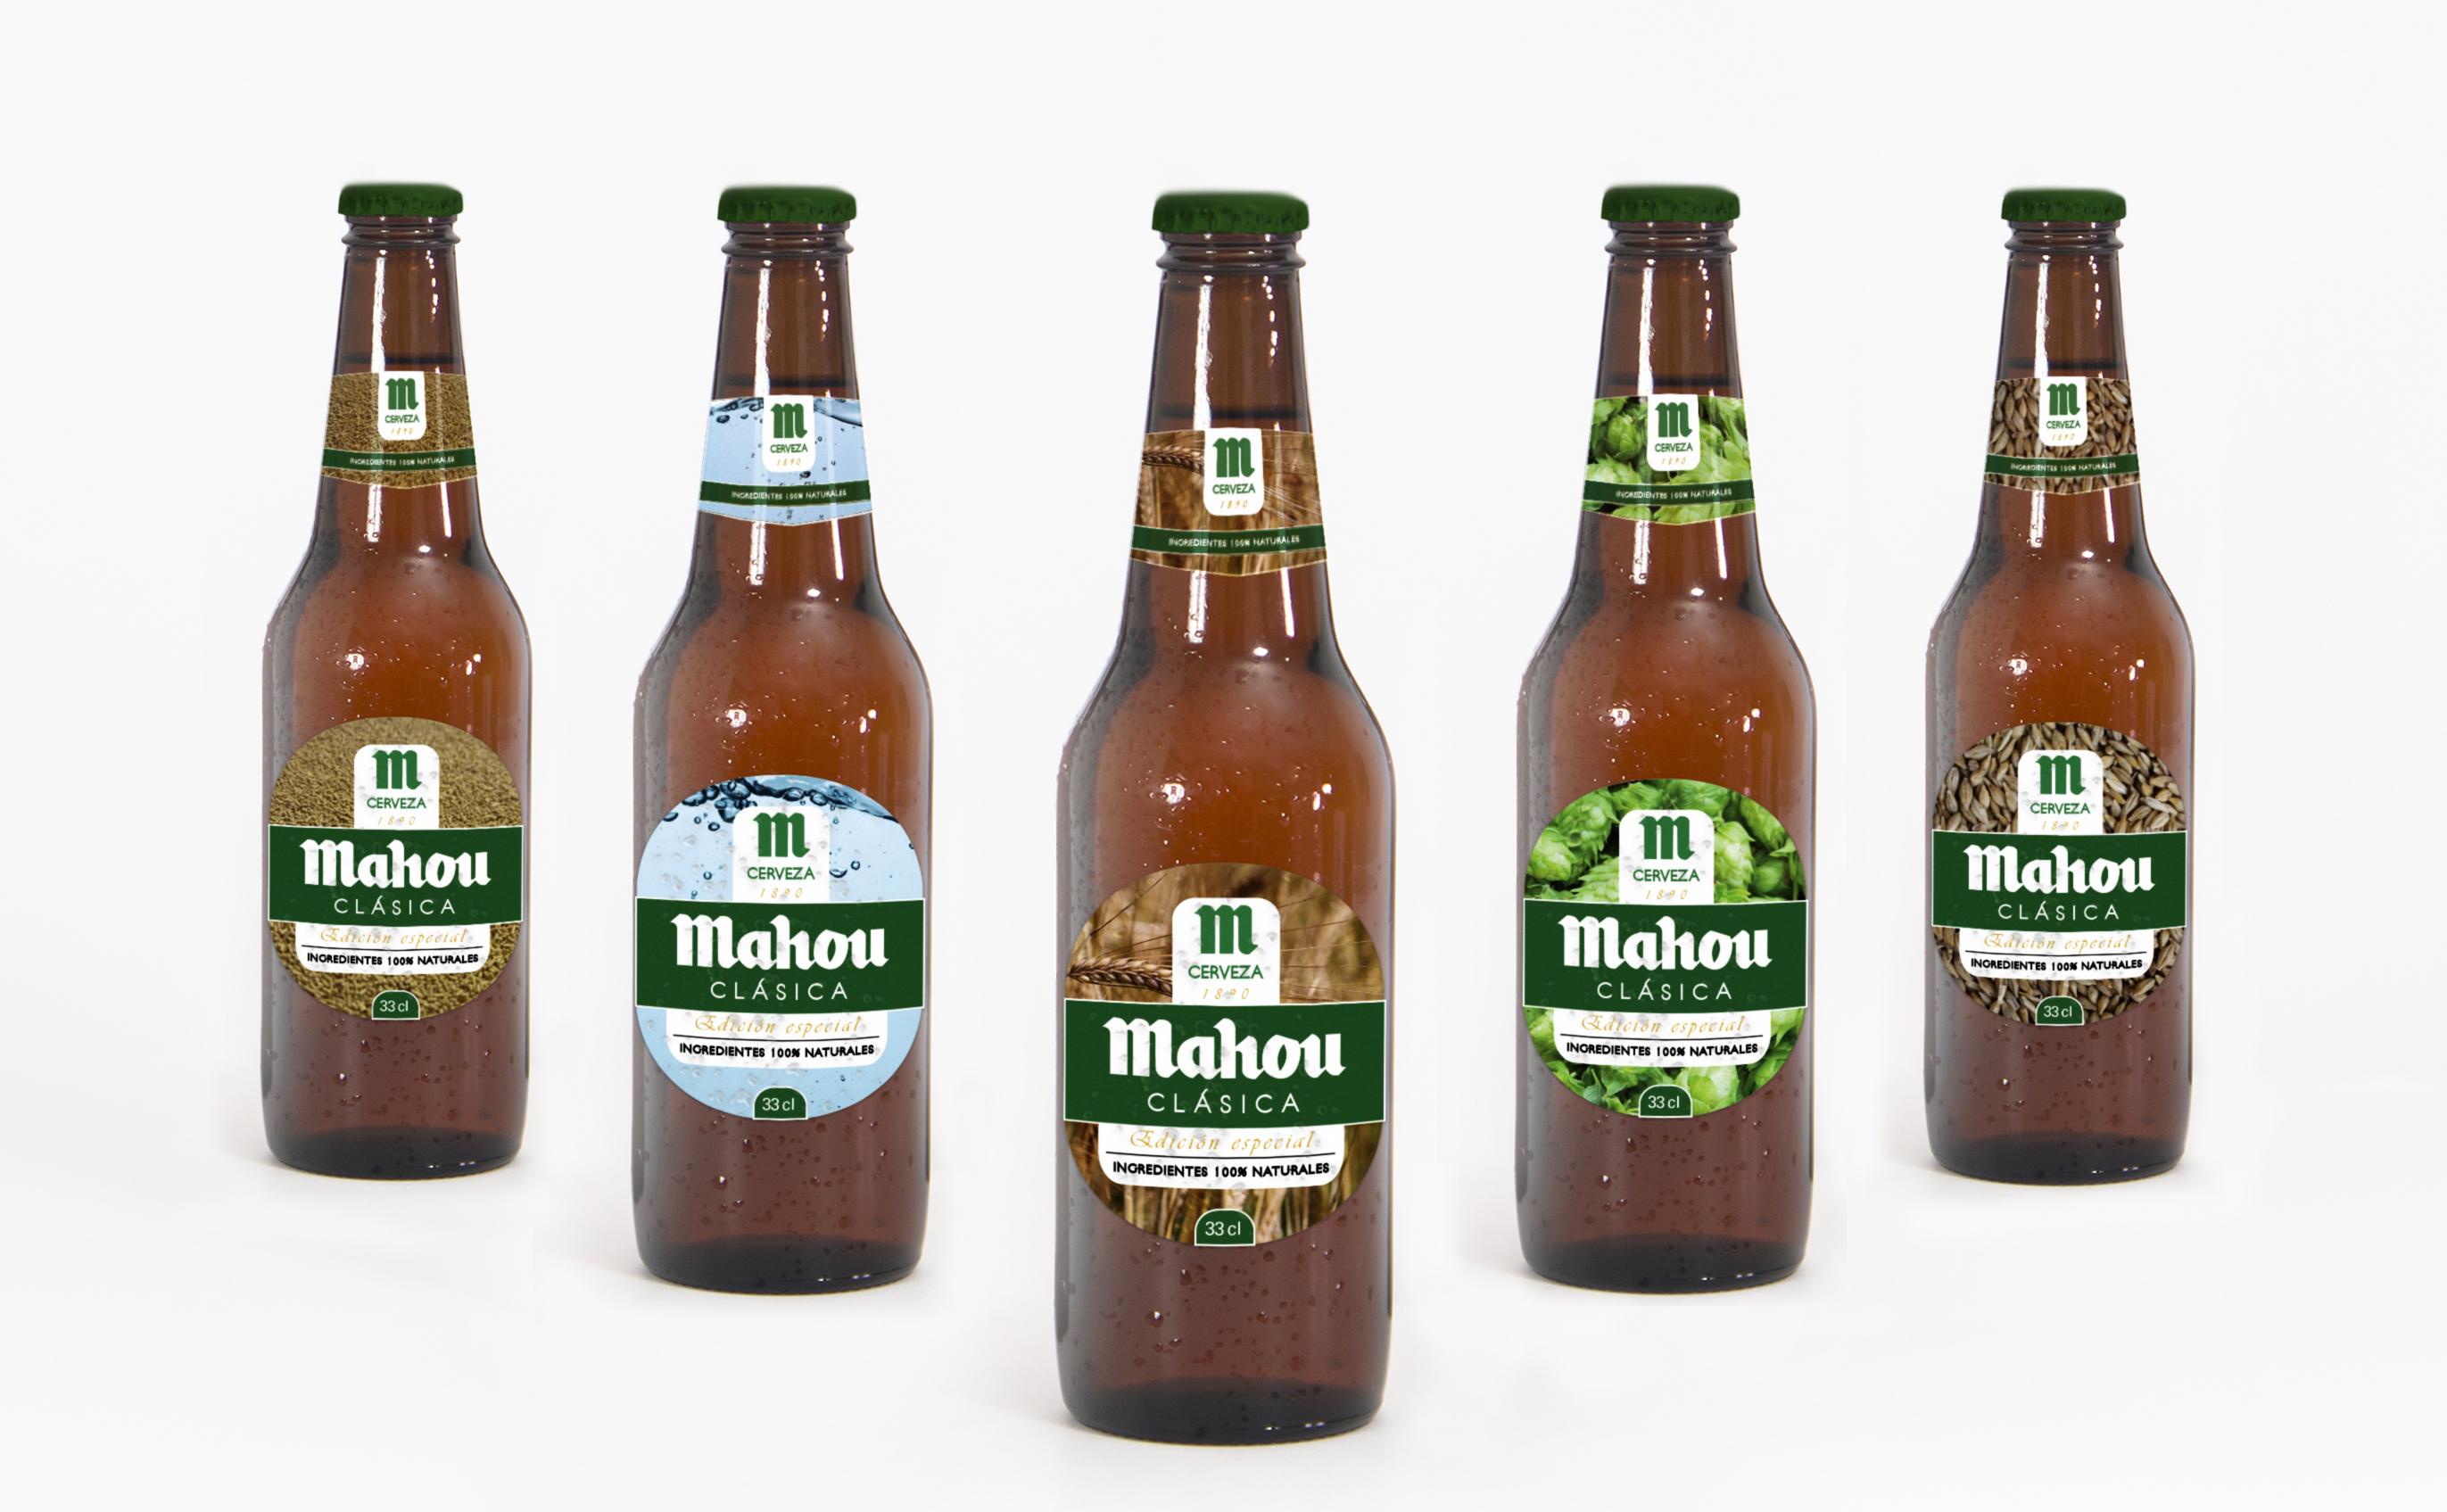 Front bottles